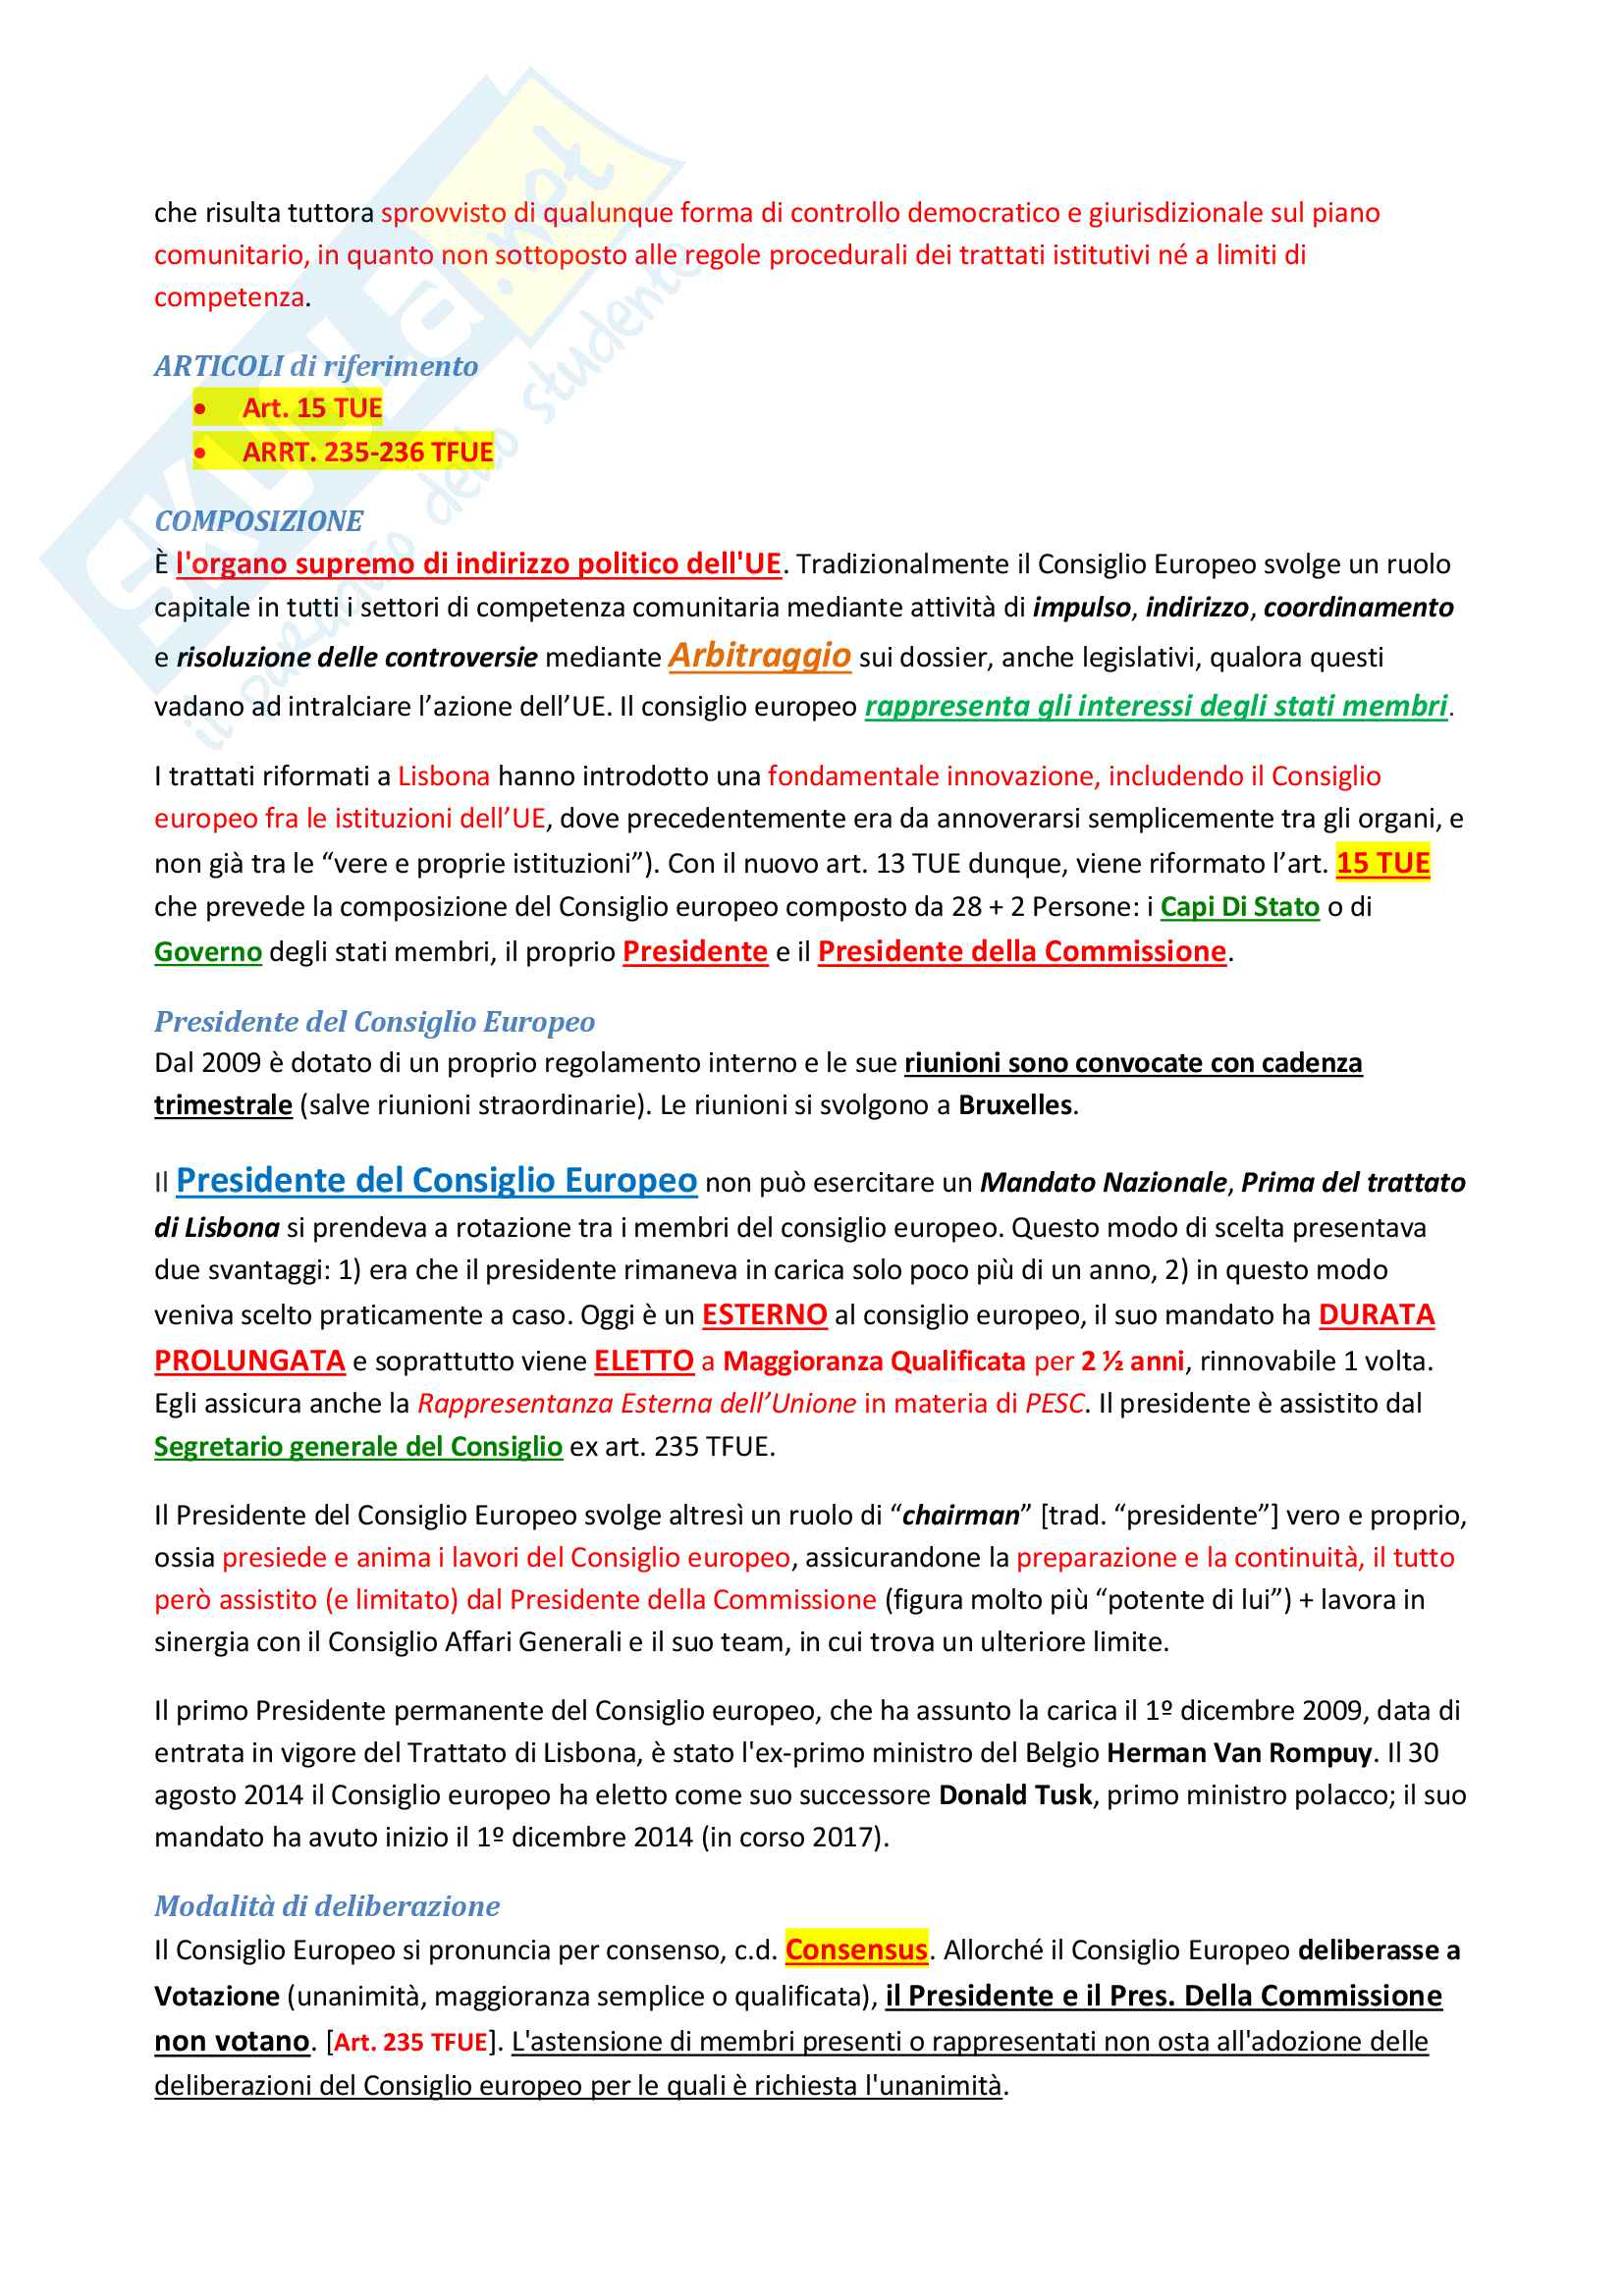 Riassunto esame di Diritto costituzionale 2 II, prof. P. Costanzo e L. Trucco, libro consigliato Lineamenti di diritto costituzionale dell'Unione Europea, P. Costanzo Pag. 26